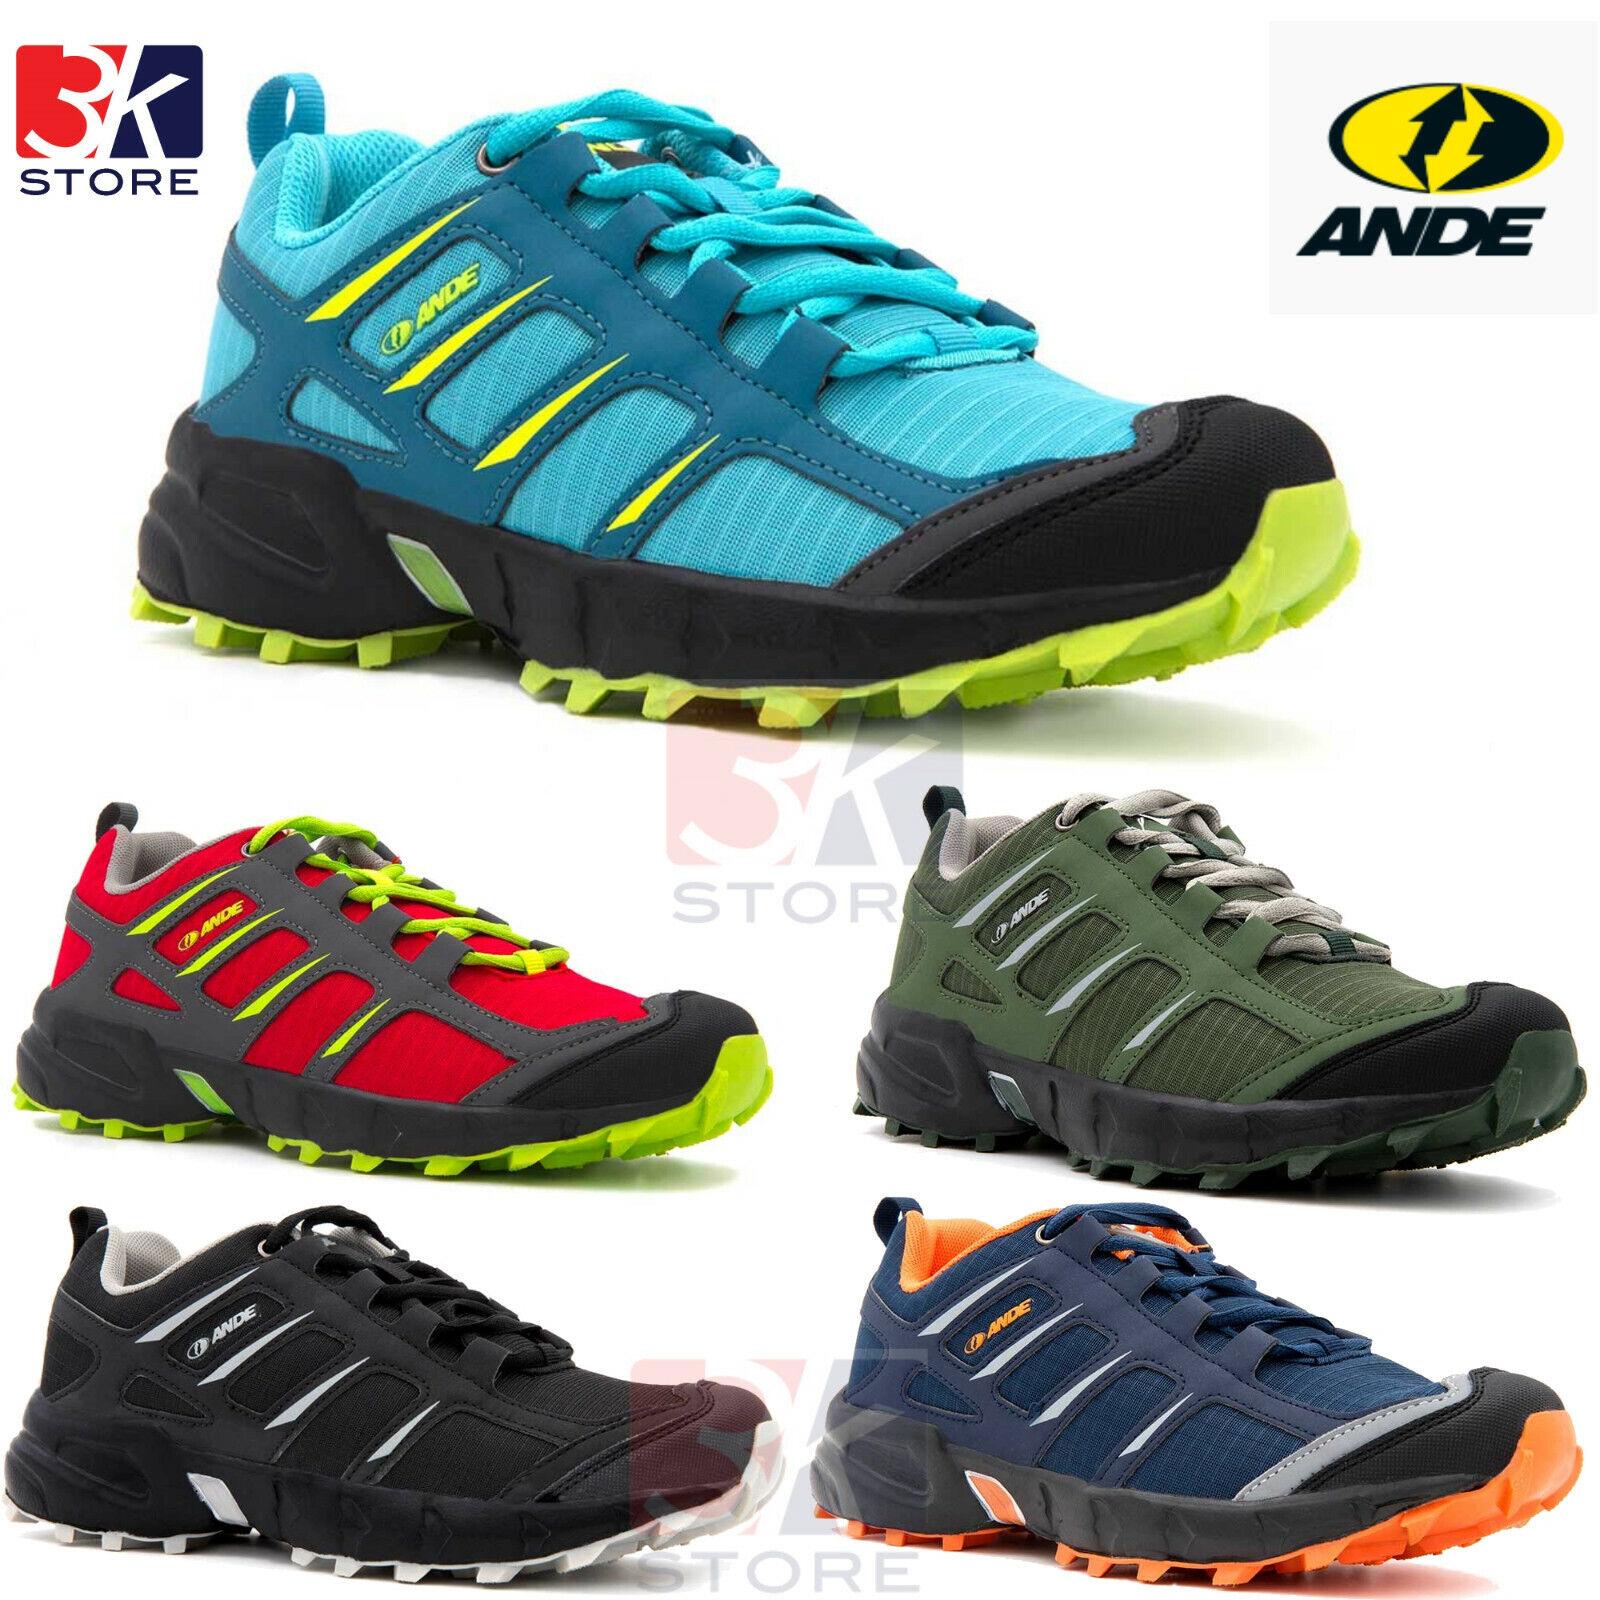 Zapatos Trekking Ande Tour  Trial Man Senderismo Al aire libre Mountain  Mercancía de alta calidad y servicio conveniente y honesto.